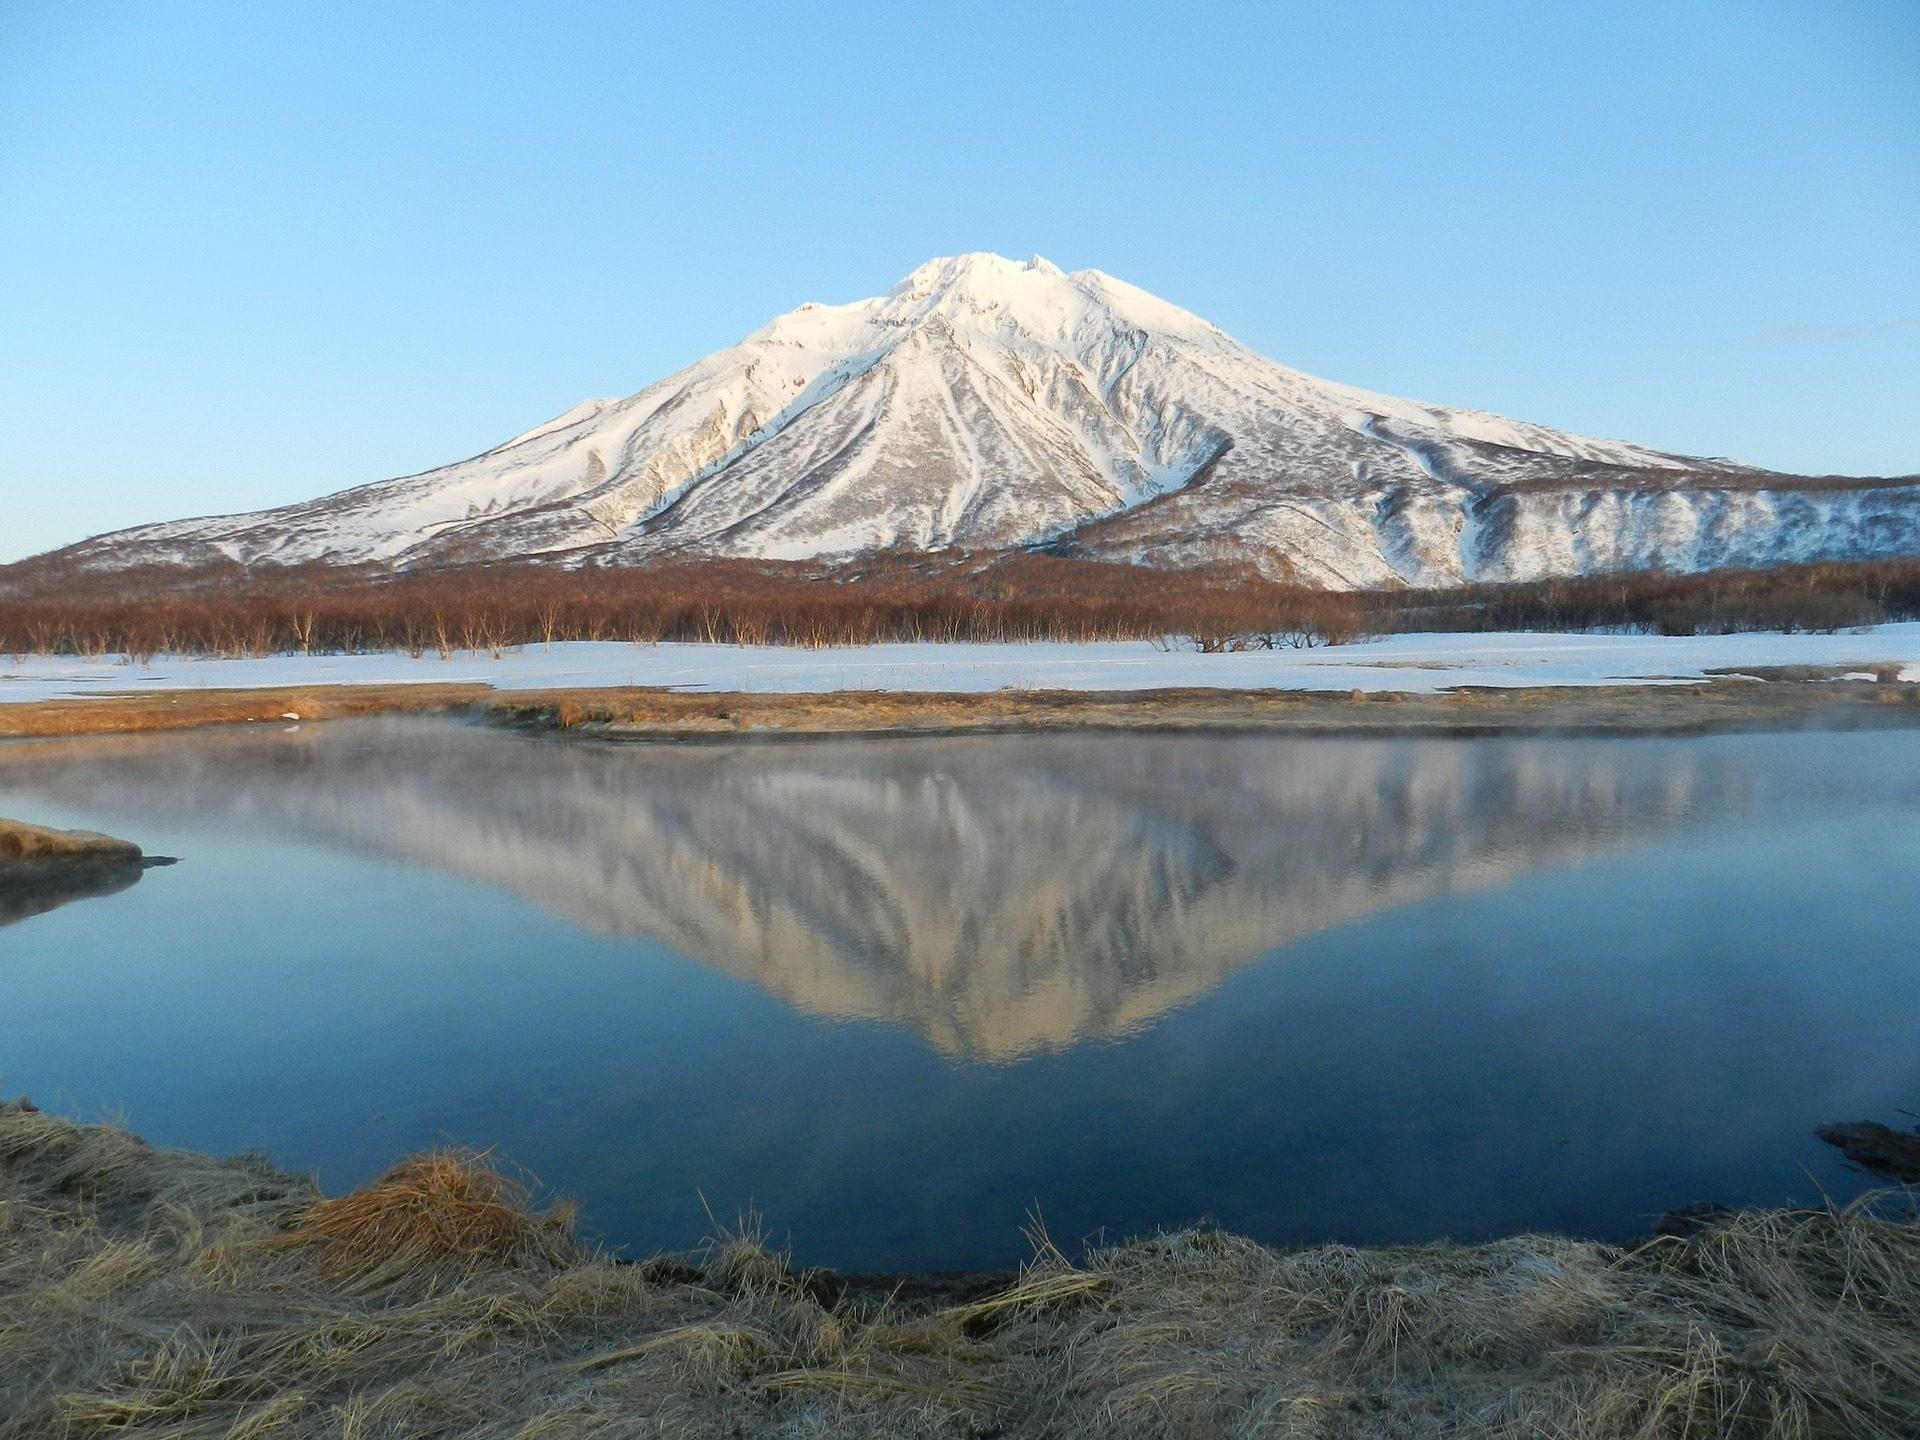 Ηφαίστειο, Βουνό, Λίμνη, αντανάκλαση, χιόνι, χλόη - Wallpapers HD - Professor-falken.com